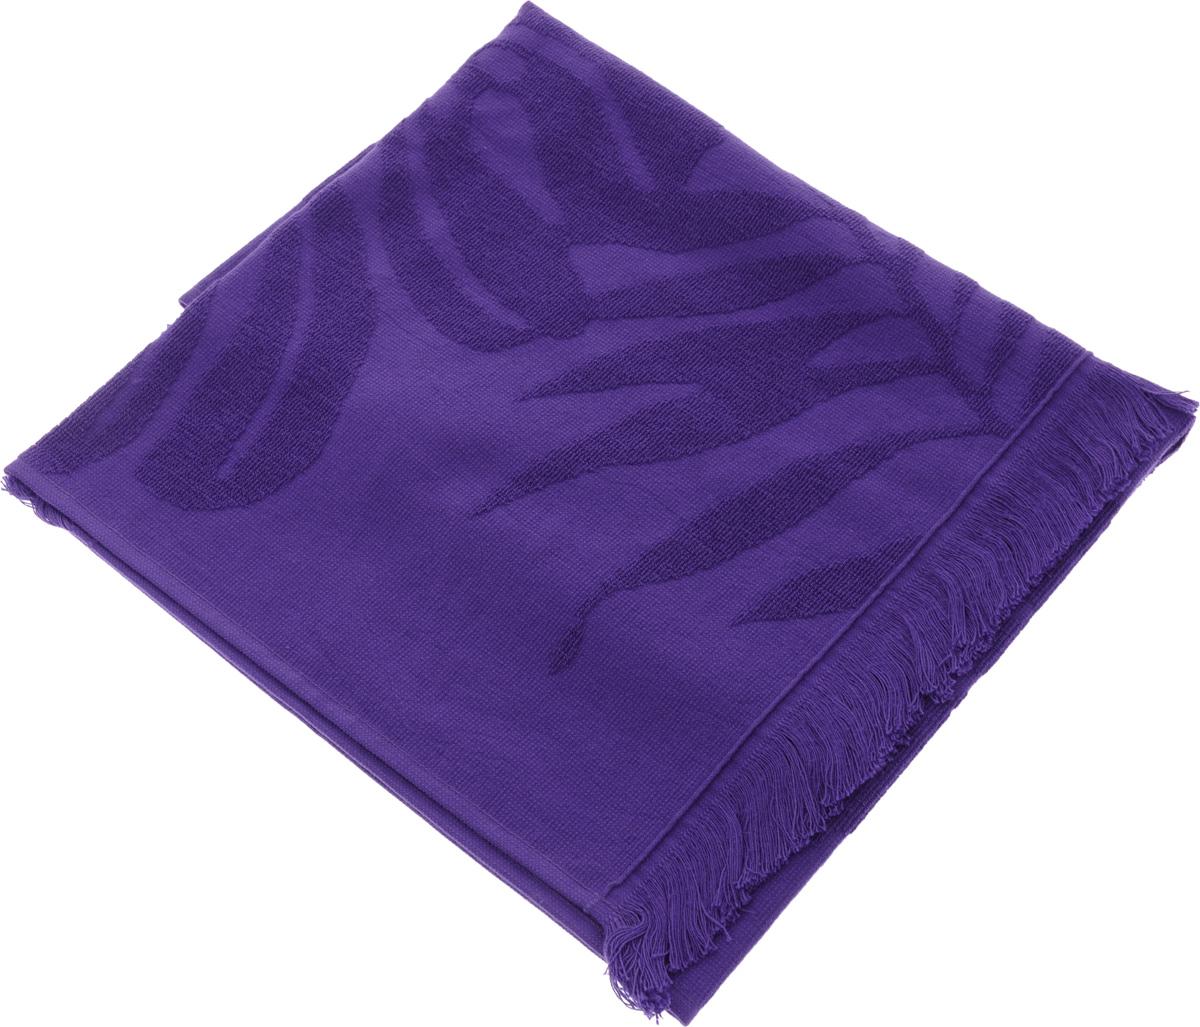 Полотенце Issimo Home Nadia, цвет: фиолетовый, 50 x 90 см531-105Полотенце Issimo Home Nadia выполнено из 100% хлопка. Изделие отлично впитывает влагу, быстро сохнет, сохраняет яркость цвета и не теряет форму даже после многократных стирок. Полотенце очень практично и неприхотливо в уходе. Оно прекрасно дополнит интерьер ванной комнаты.